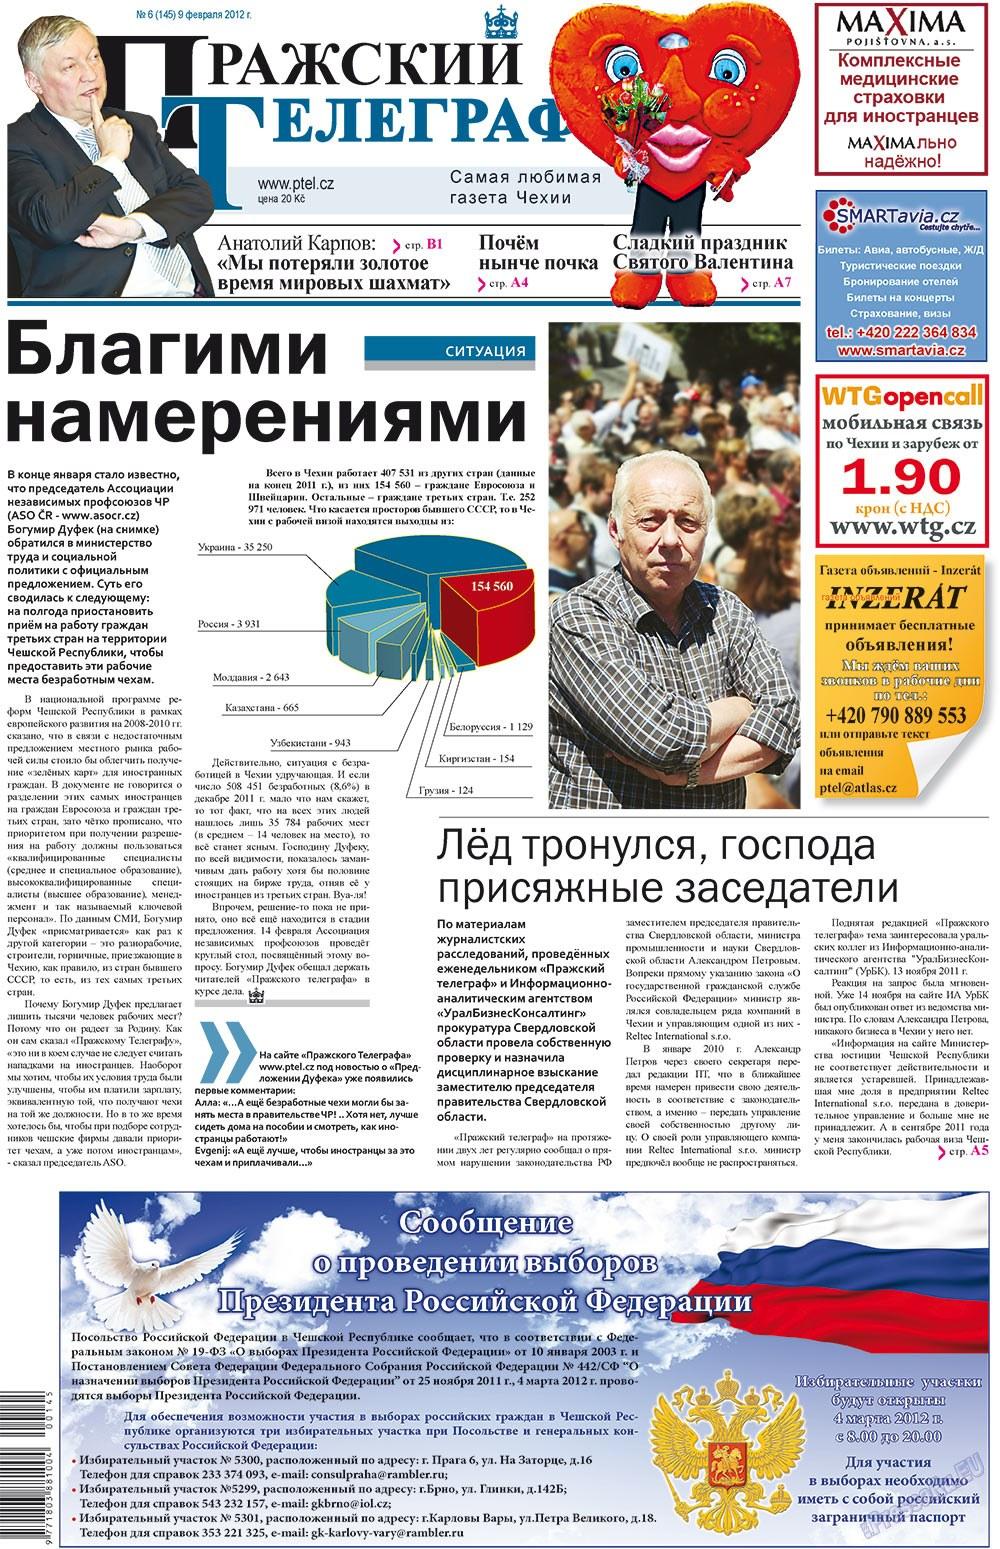 Пражский телеграф (газета). 2012 год, номер 6, стр. 1